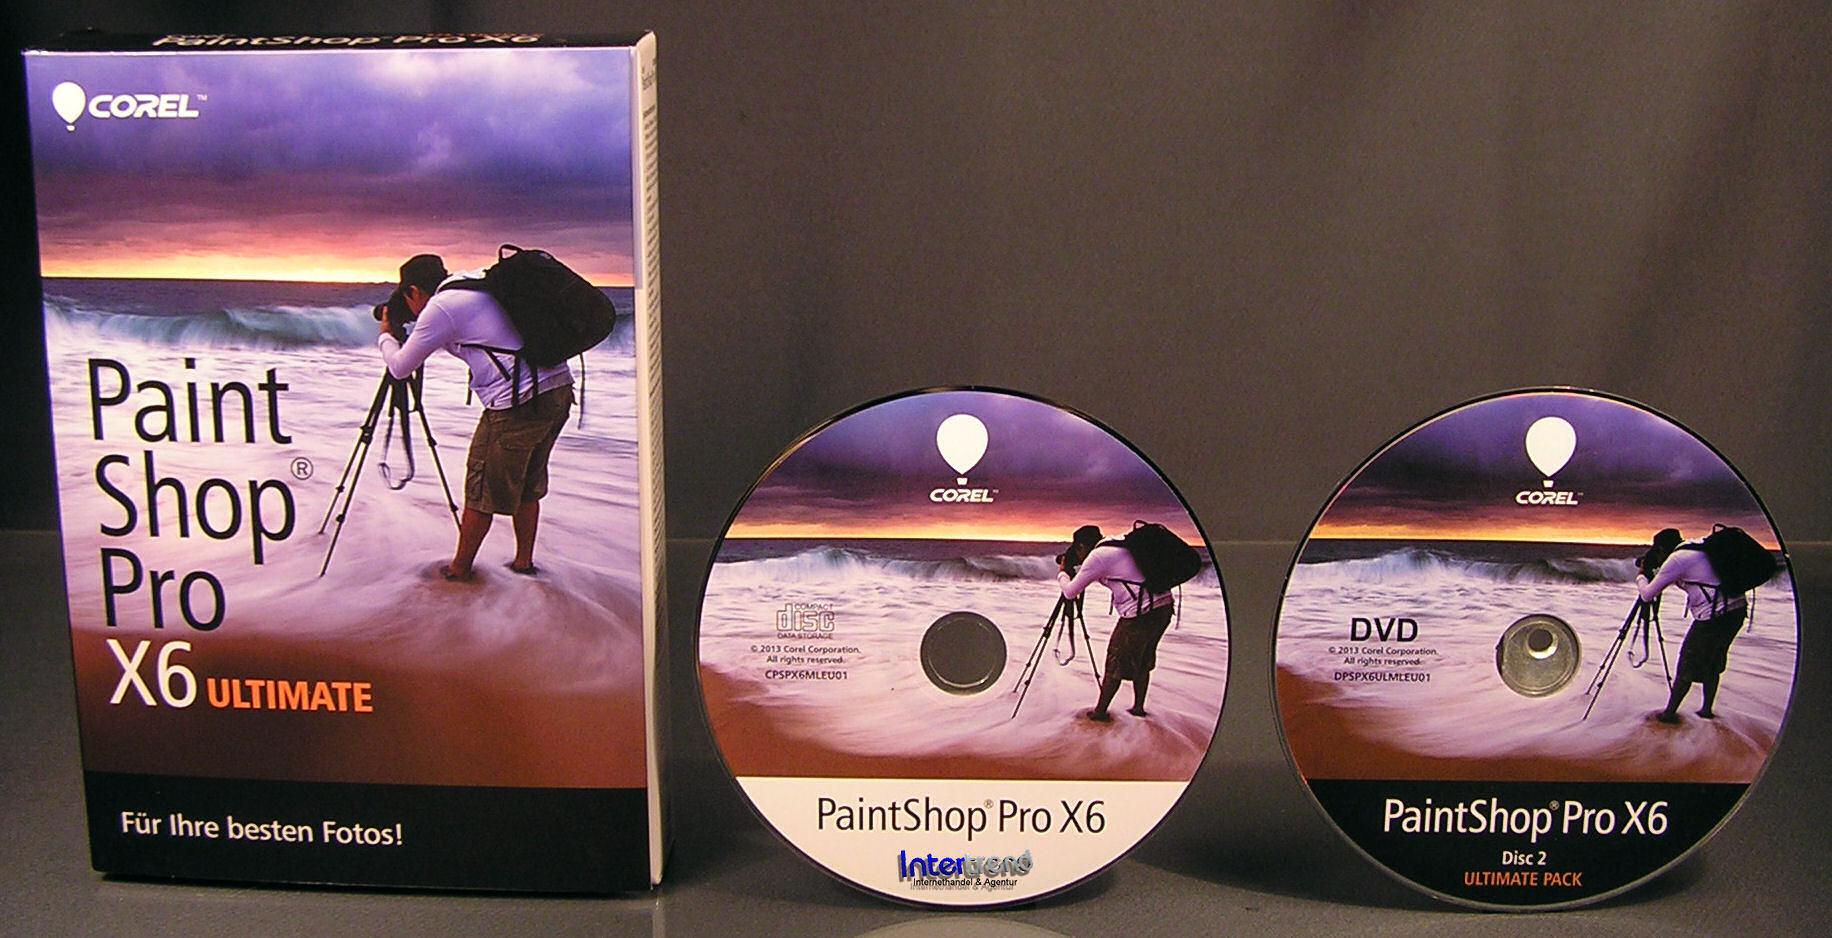 Corel paintshop pro x6 ultimate coupon code